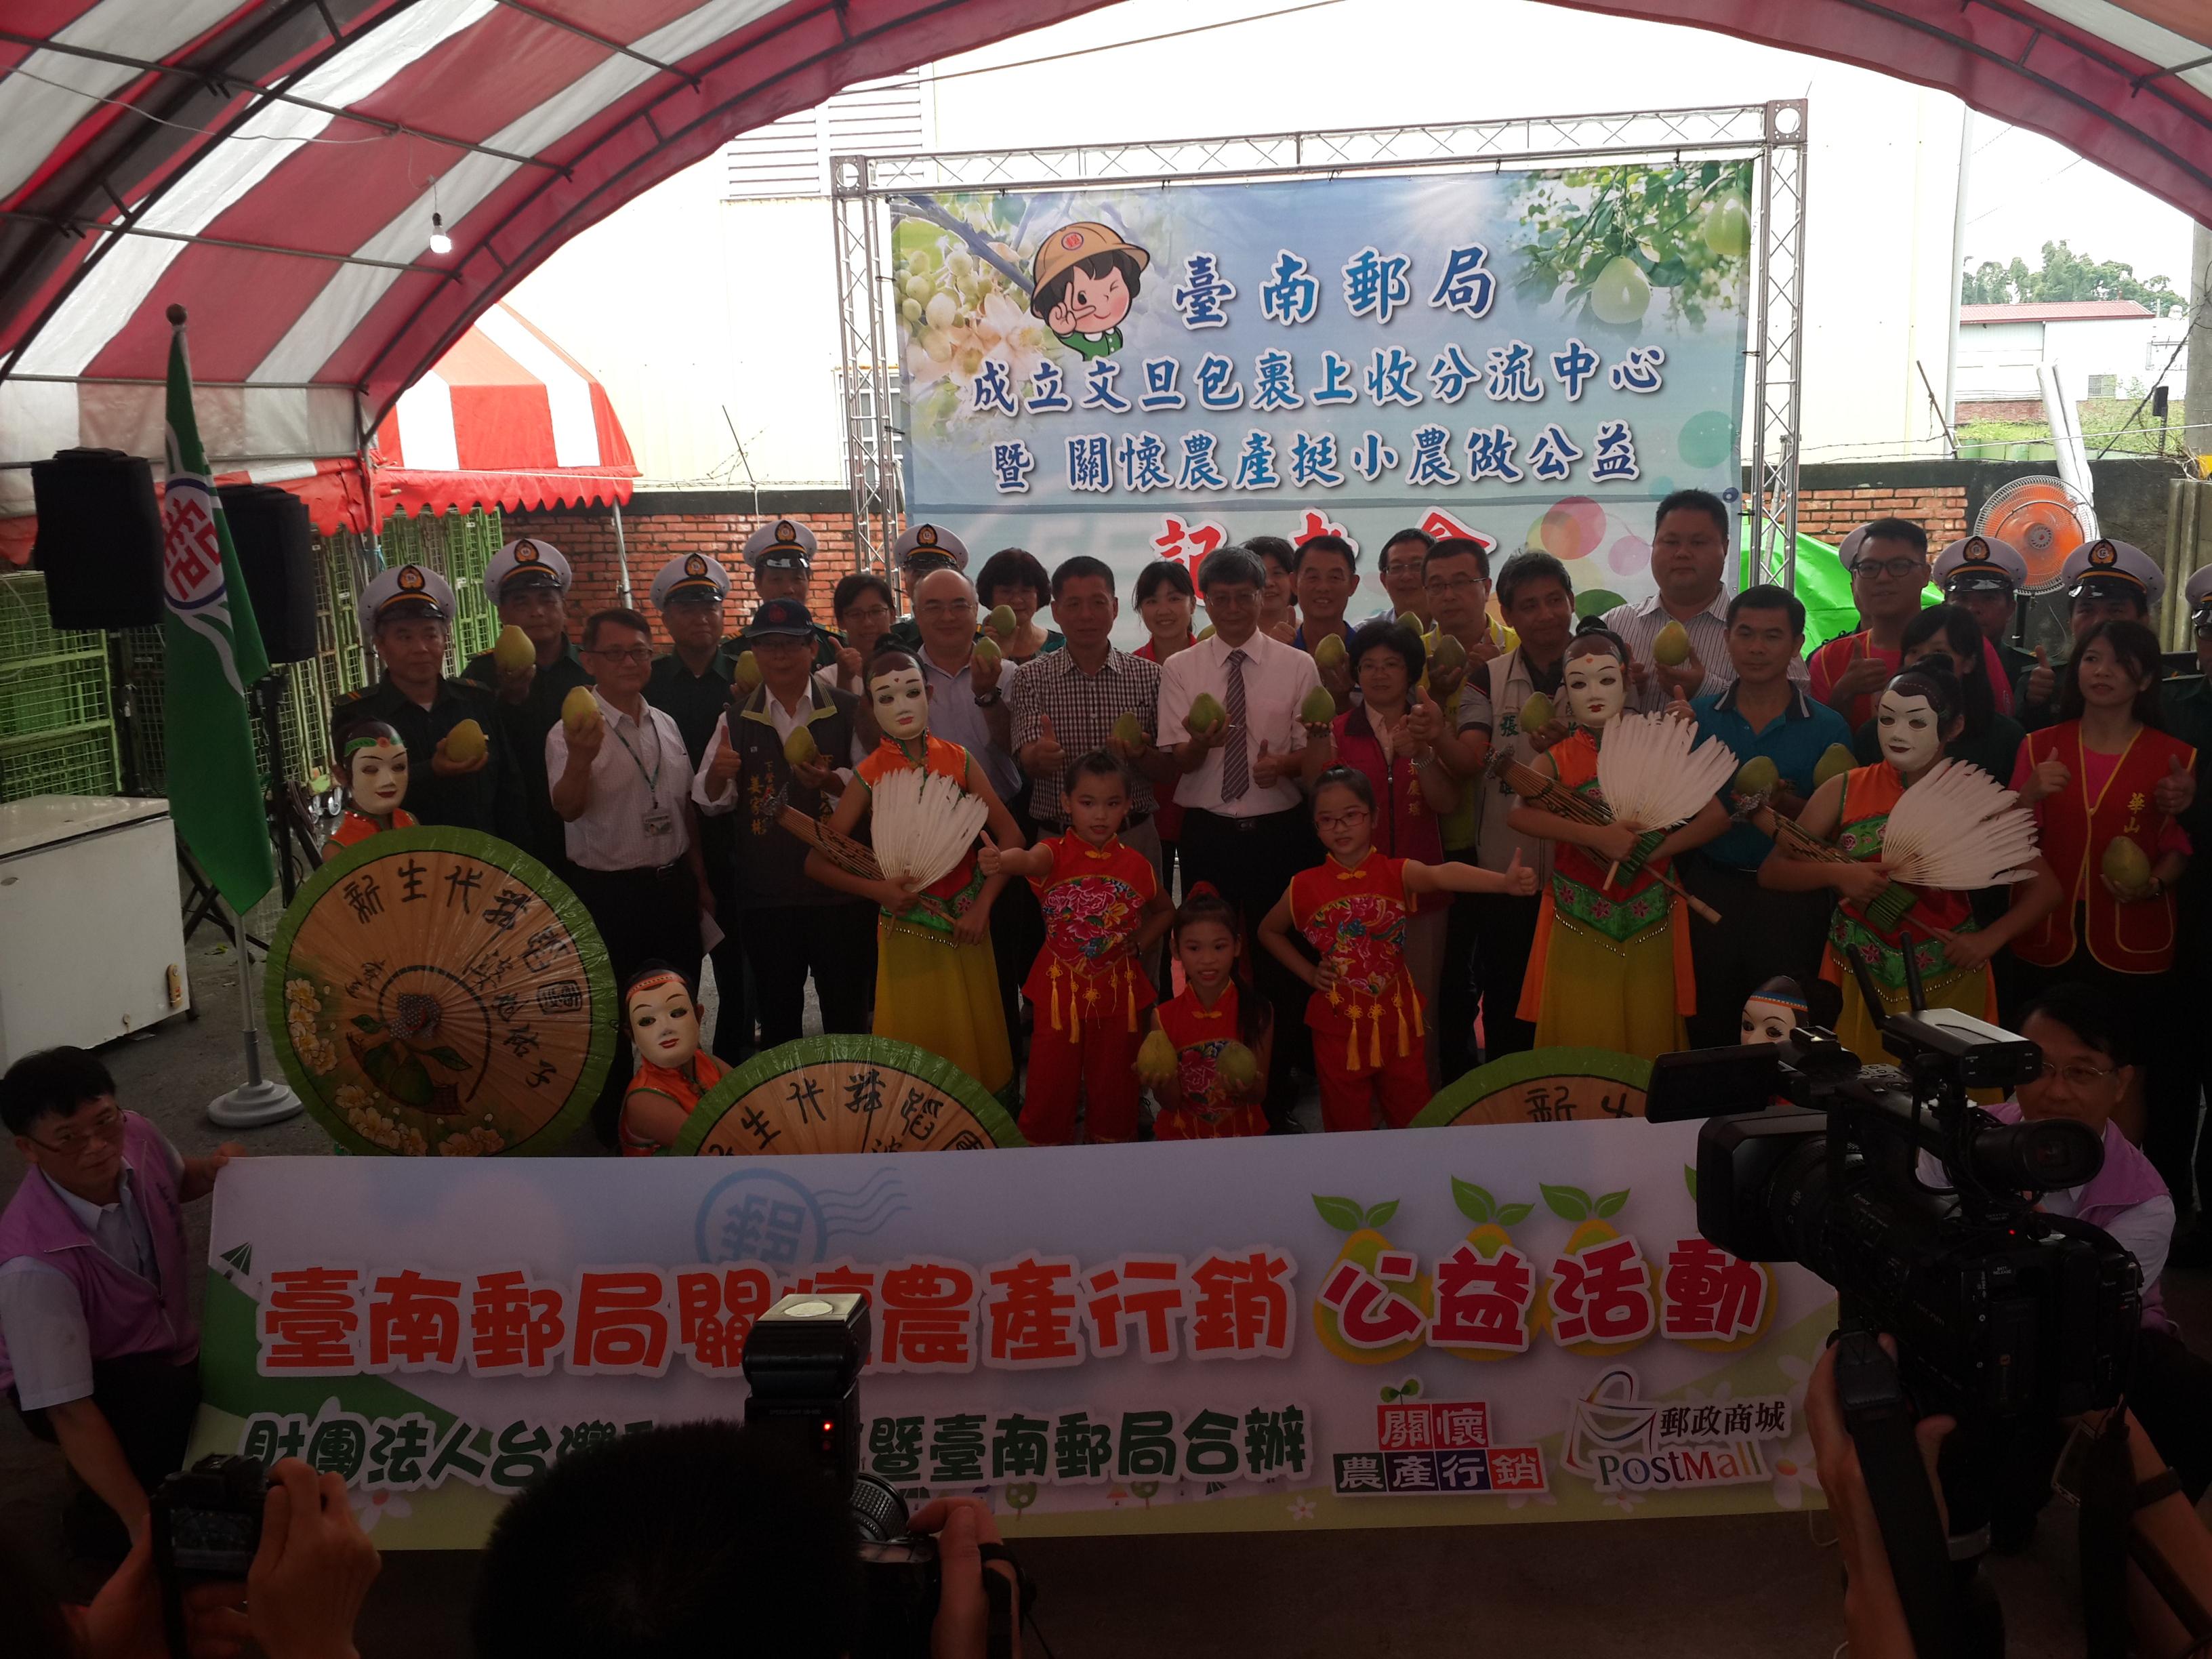 臺南郵局成立上收分流中心 & 關懷農產挺小農記者會